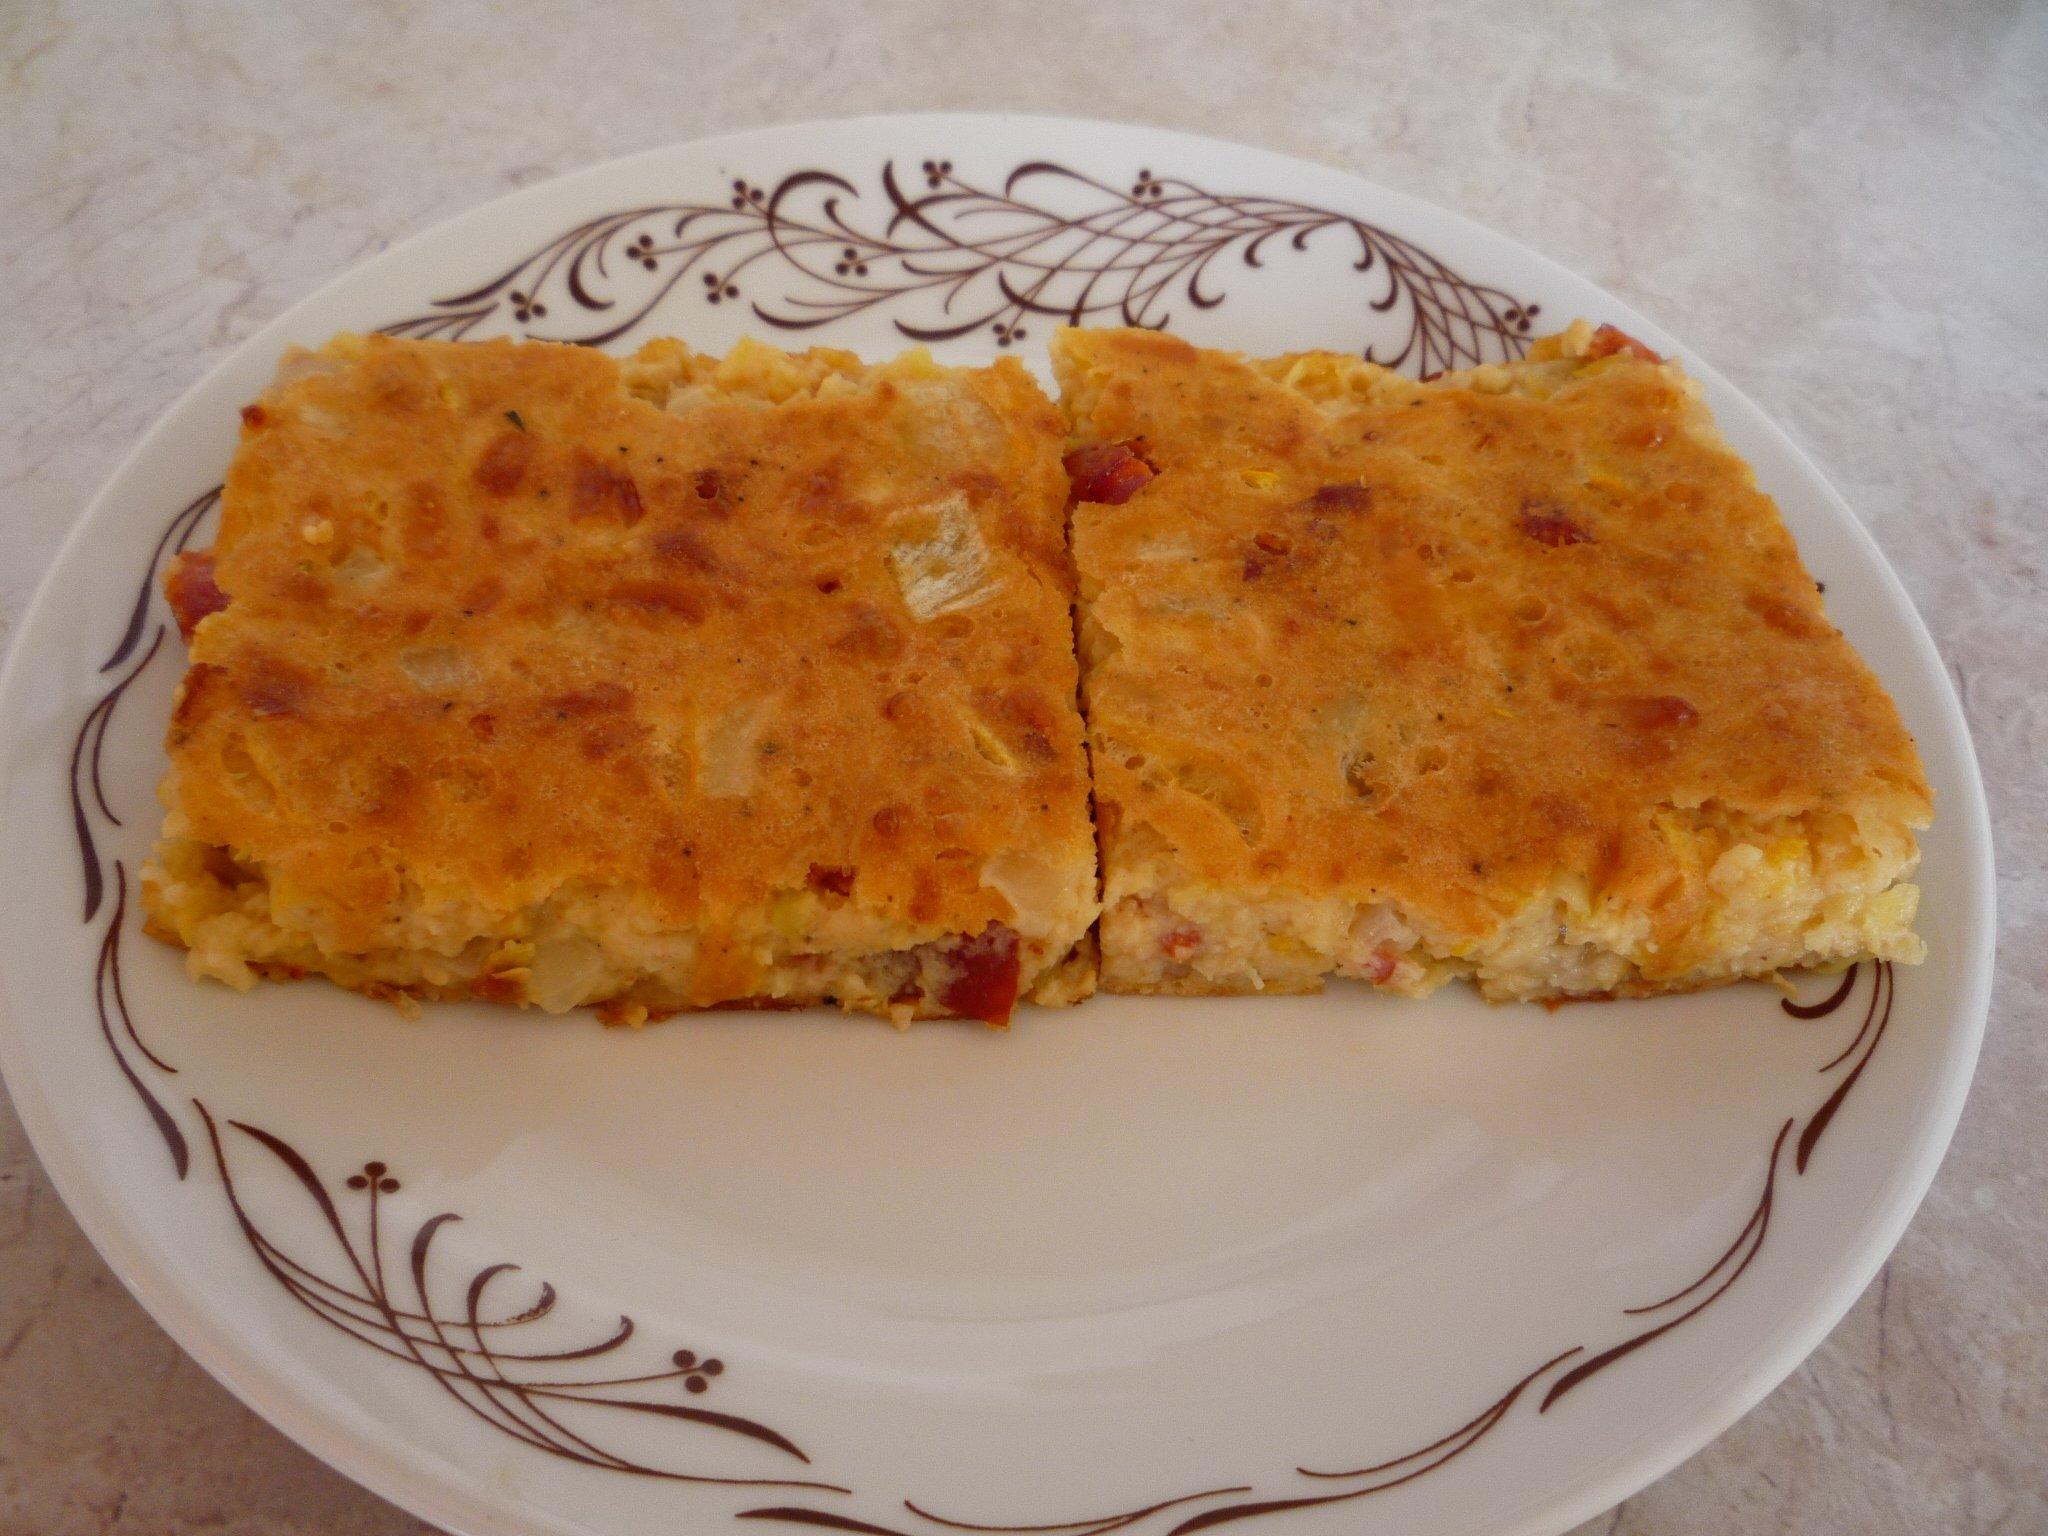 Recept Hrníčková cuketová nádivka - Hotová nádivka se dá jíst s brambory nebo jen s čerstvou zeleninou.